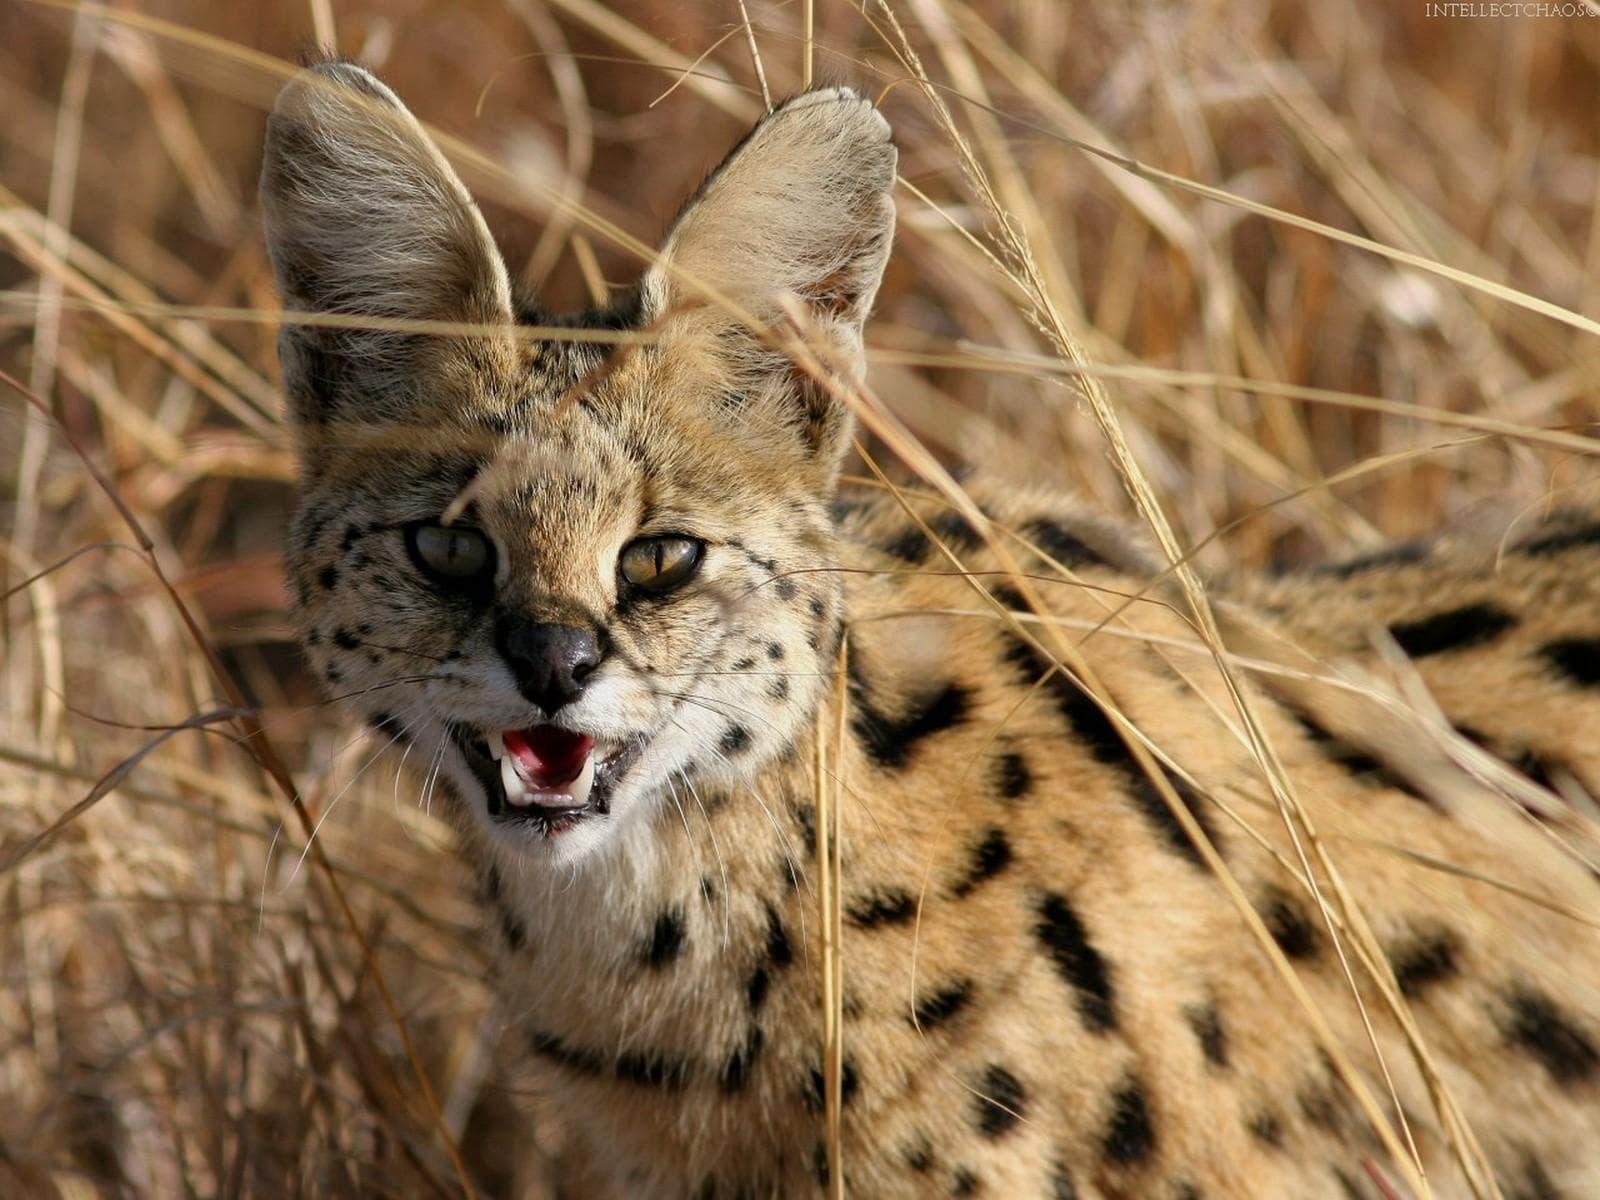 Serval widescreen